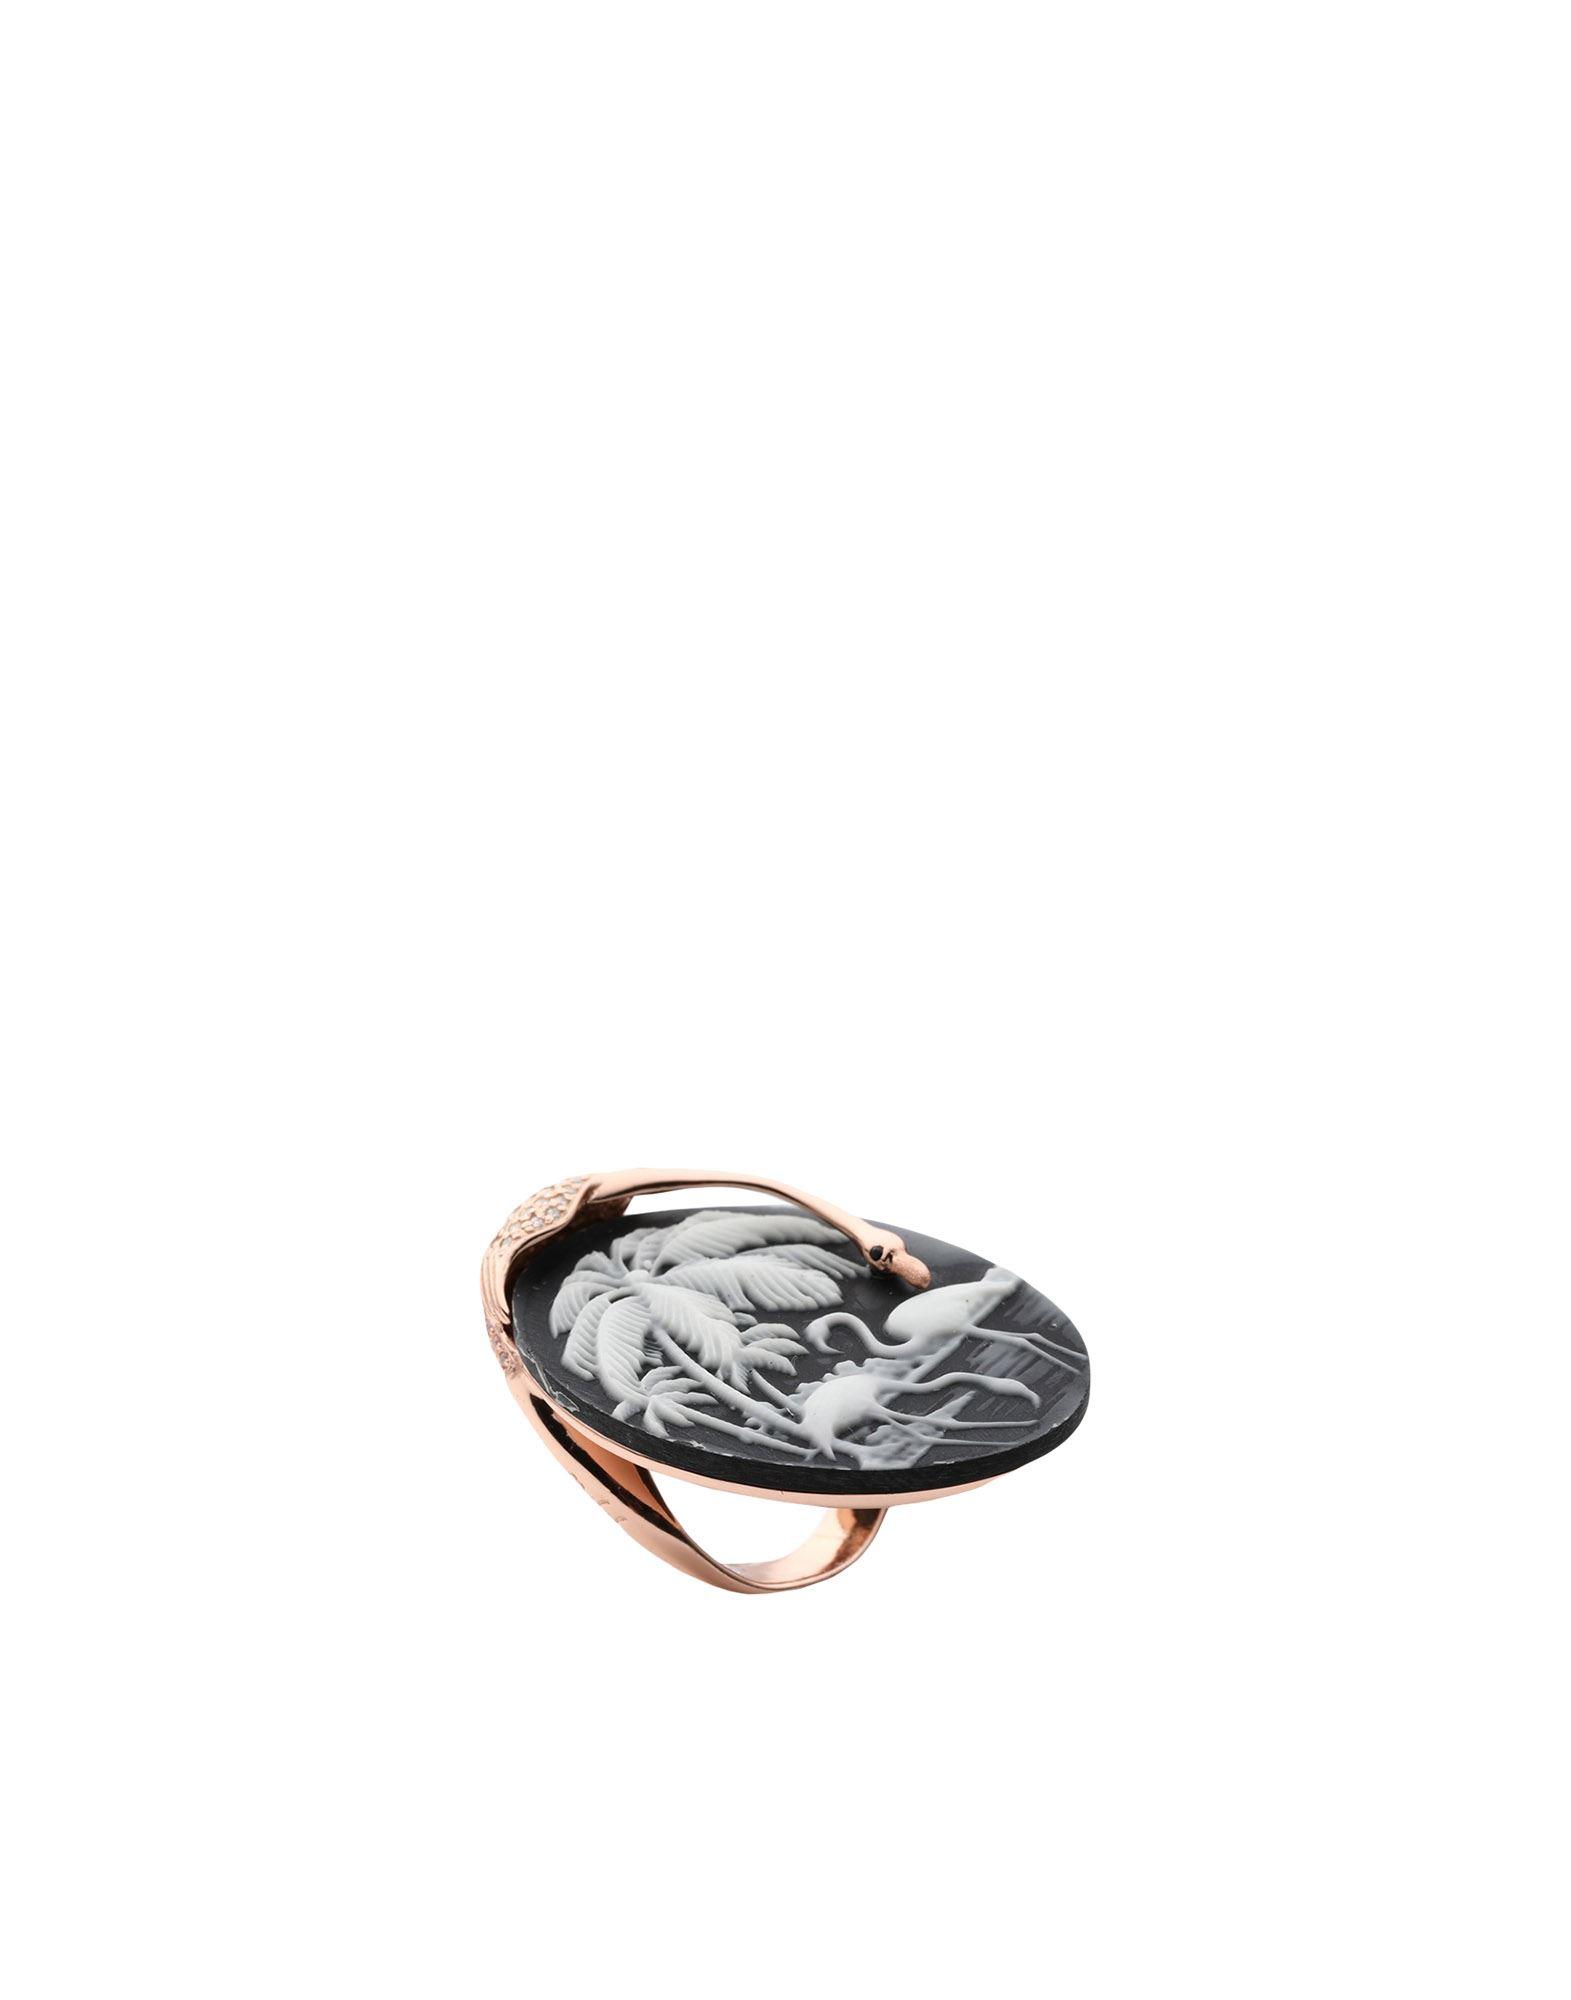 《セール開催中》FIRST PEOPLE FIRST レディース 指輪 カッパー 14 シルバー925/1000 / スピネル / ポリウレタン / ジルコン FLAMINGO